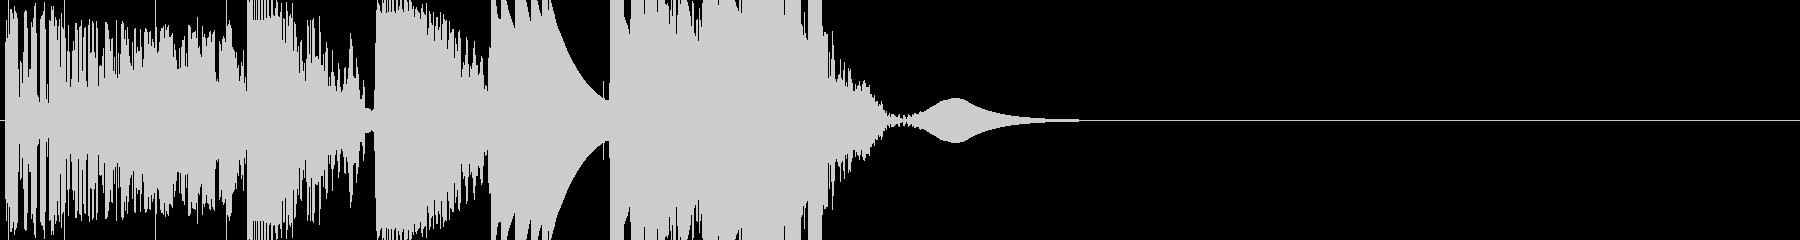 パワーキックバージョン1の未再生の波形